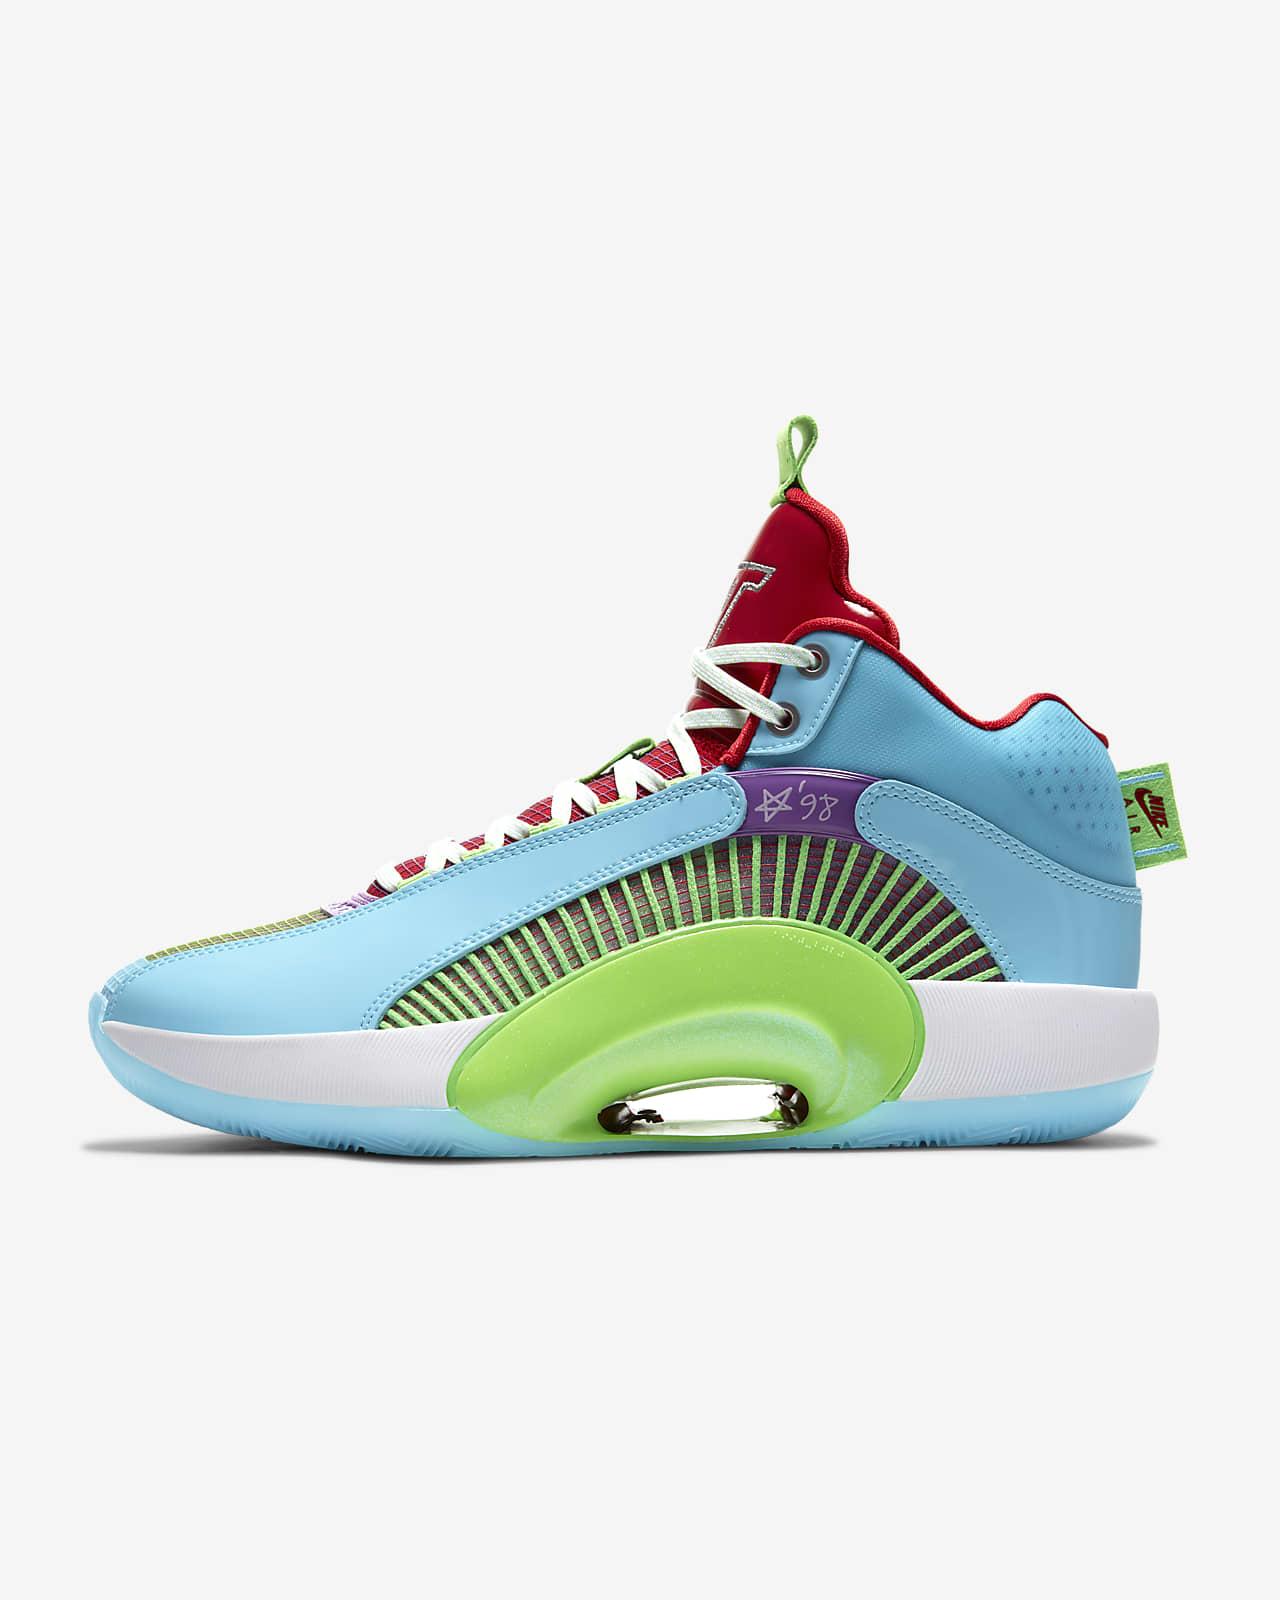 รองเท้าบาสเก็ตบอล Air Jordan XXXV